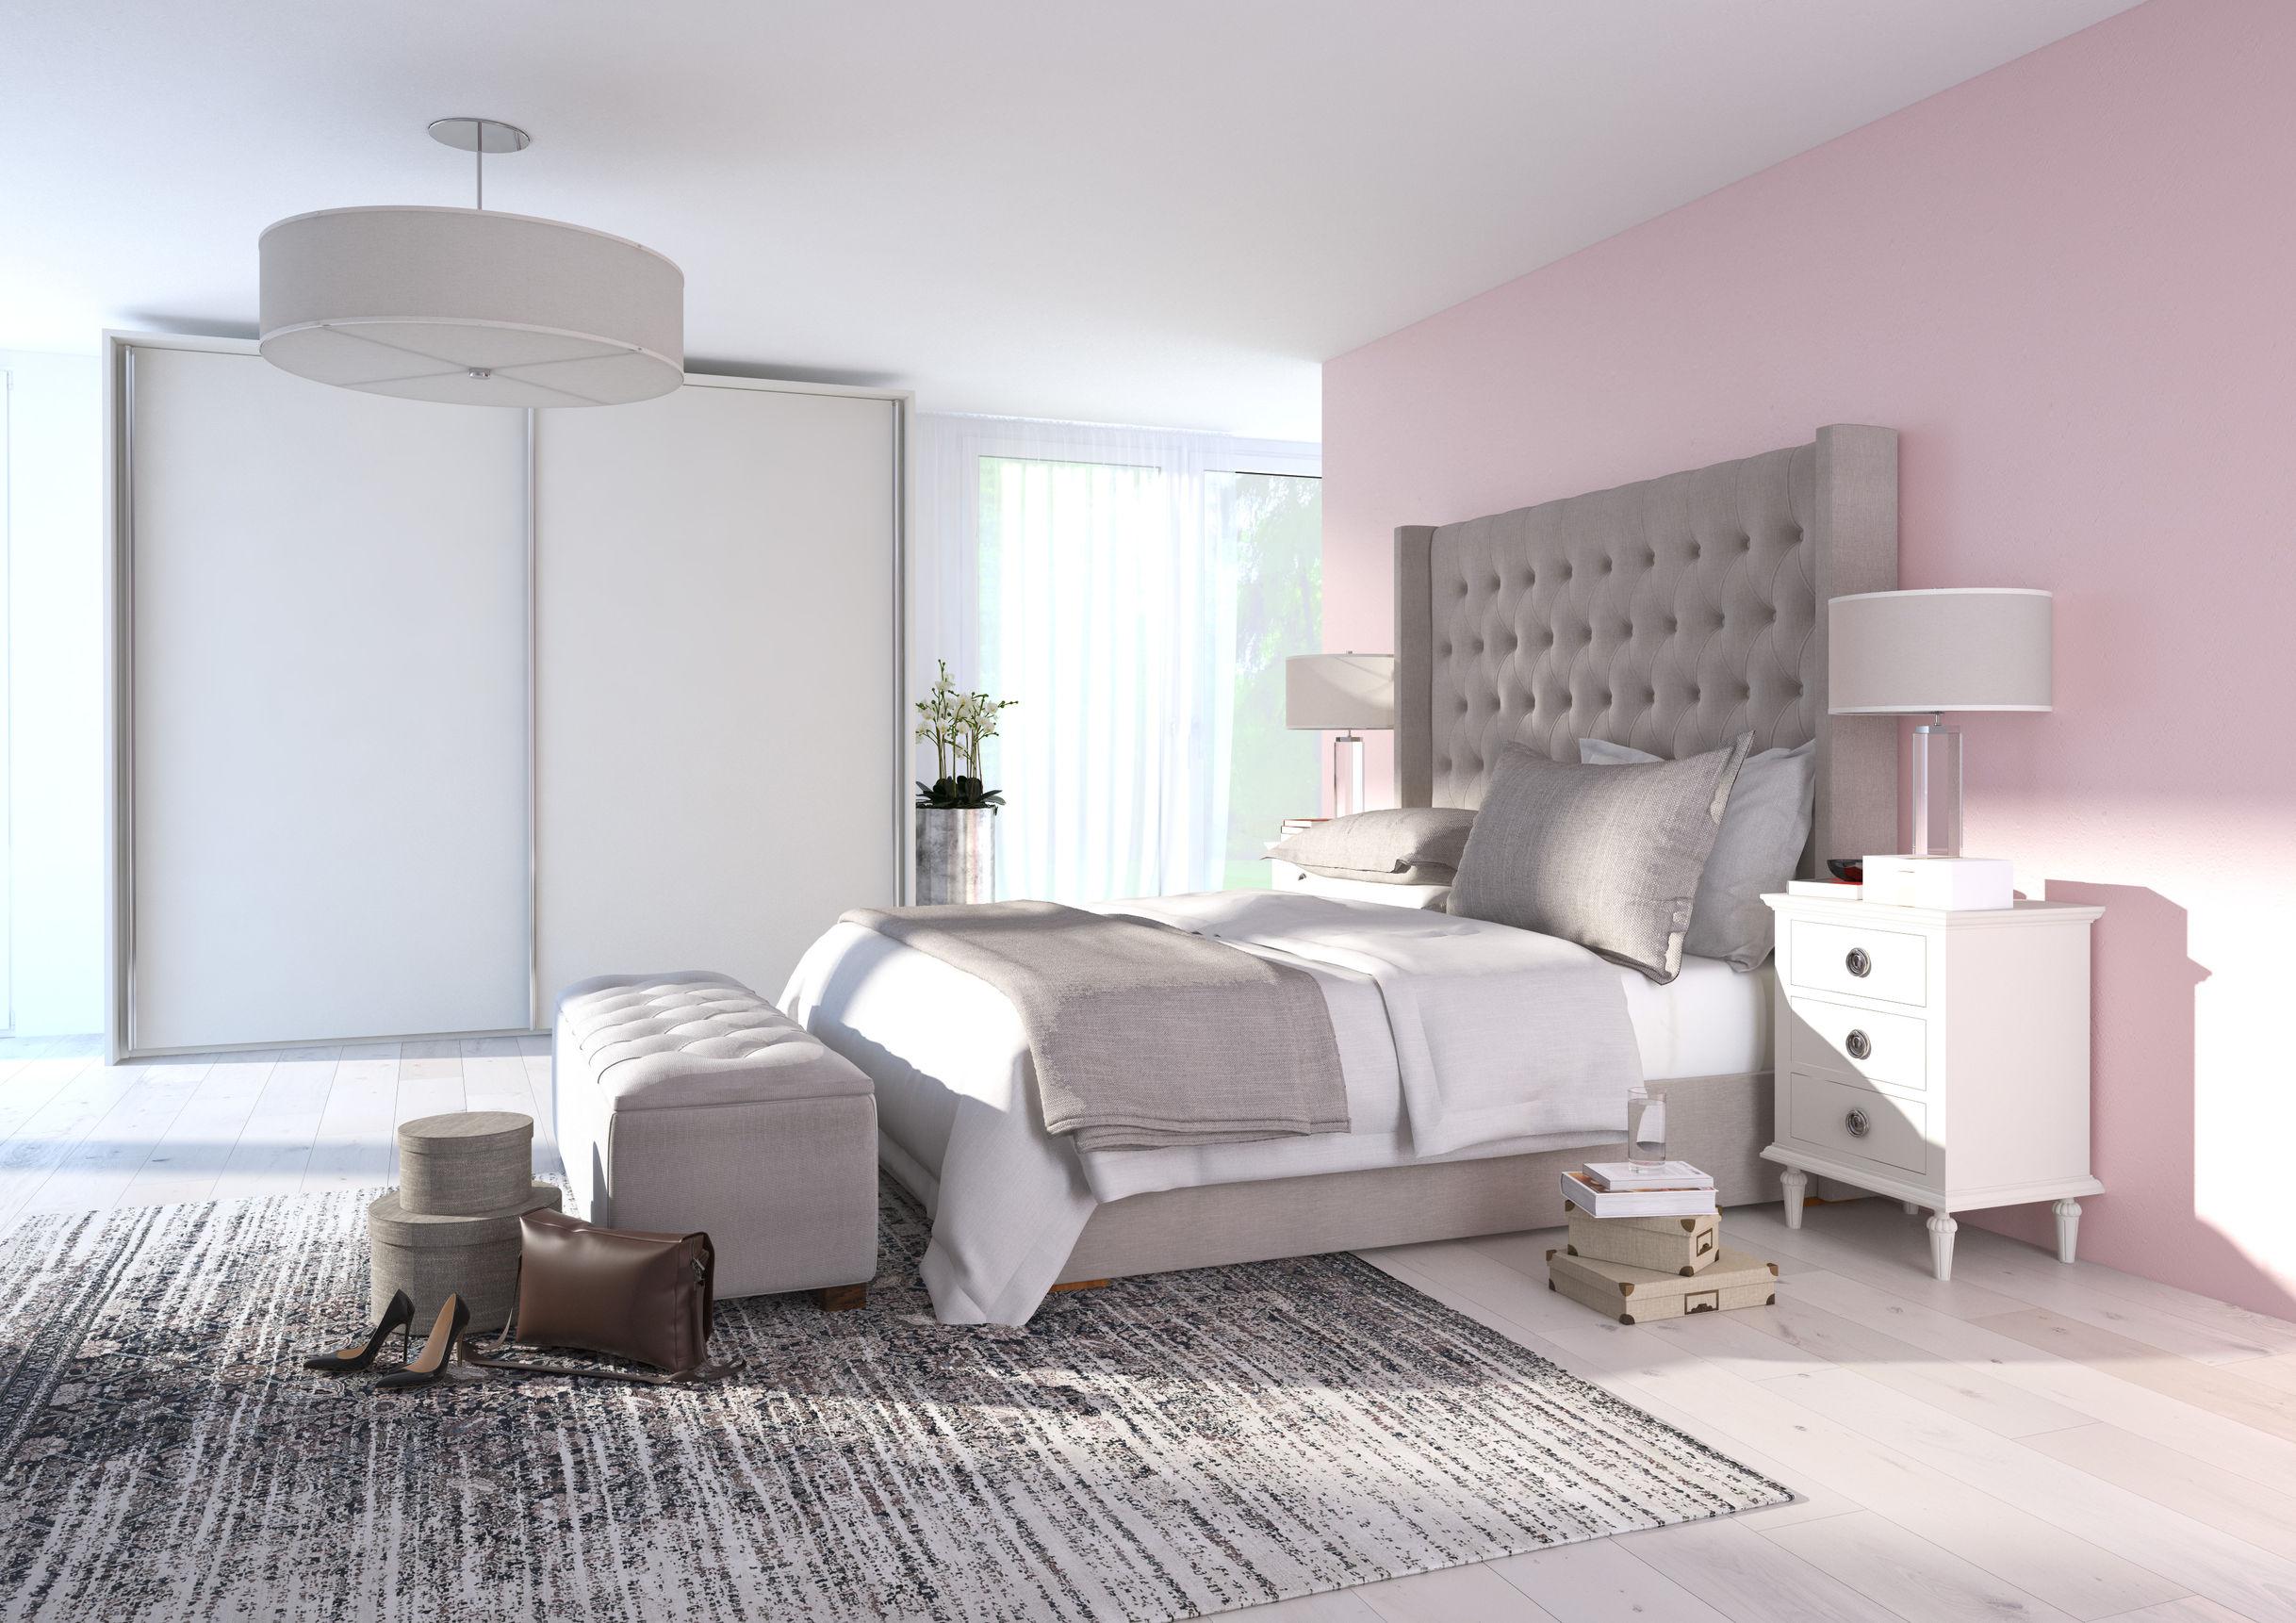 quelle couleur choisir pour votre chambre le magvisiondeco